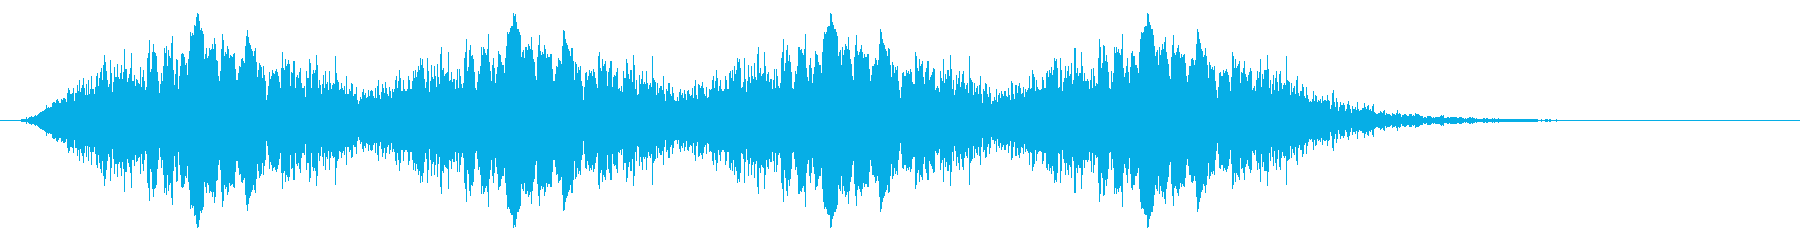 警告音 サイレン02-10(リバーブ 速の再生済みの波形